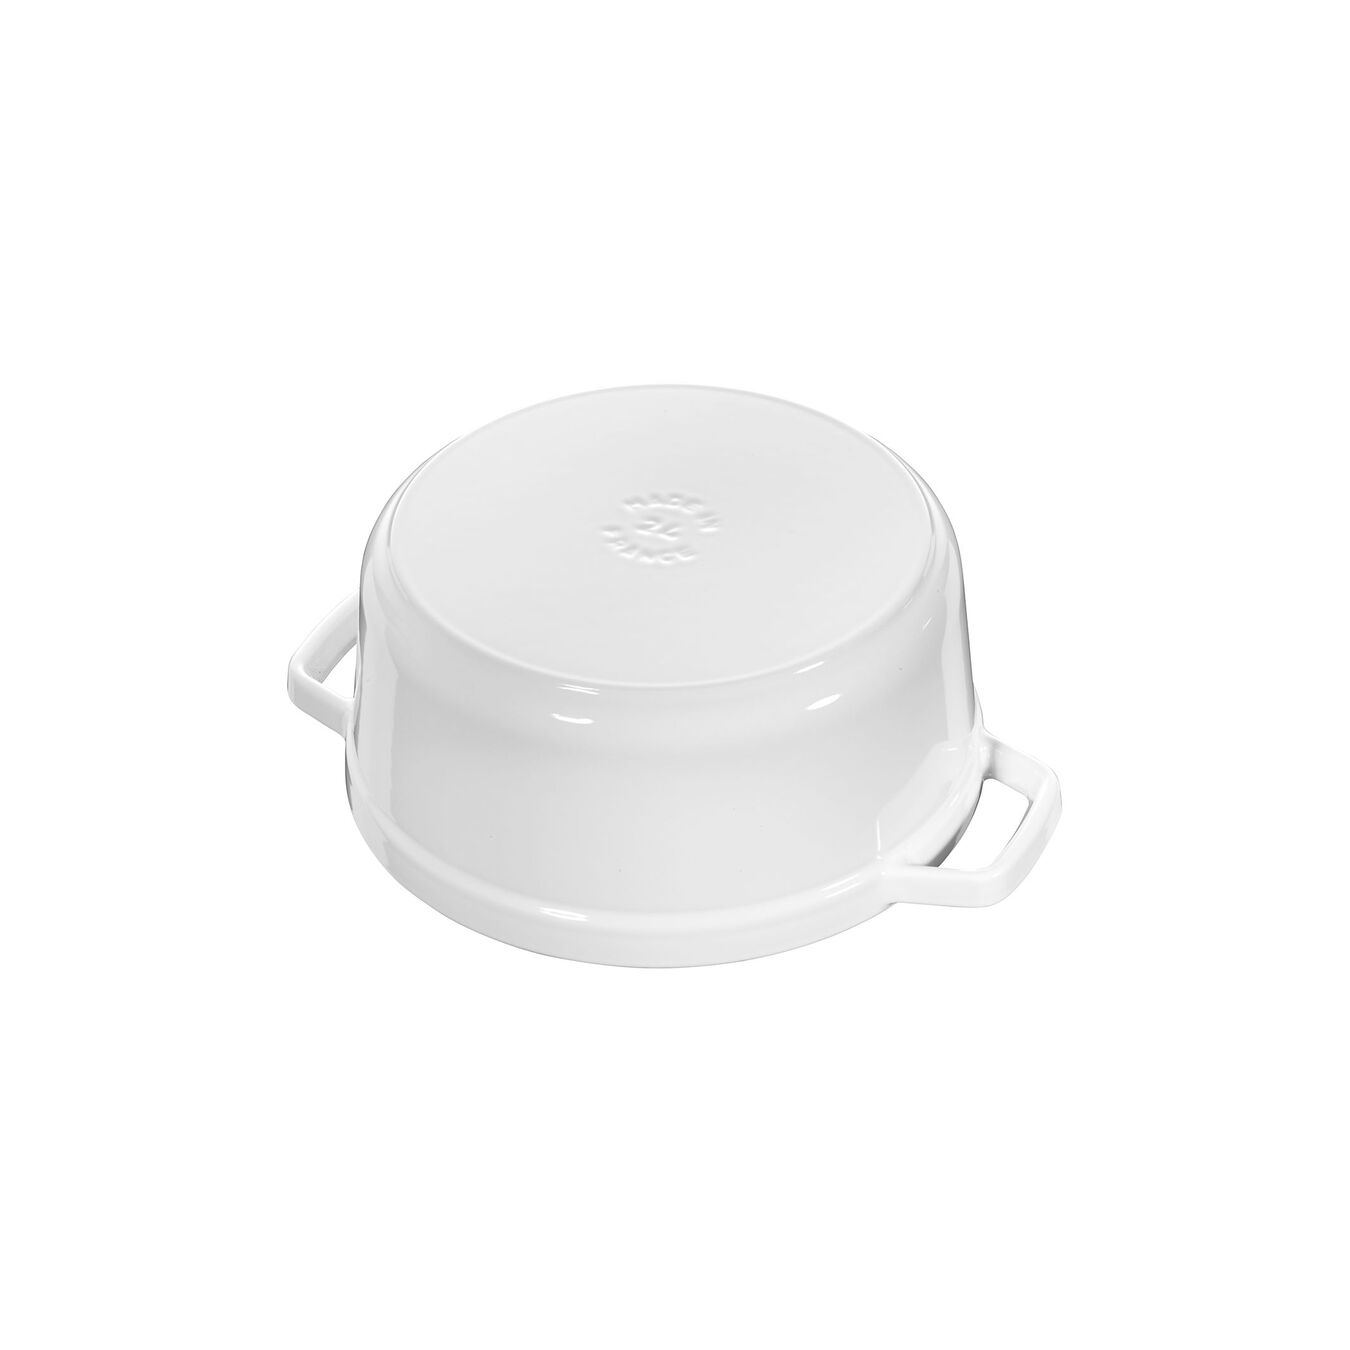 Cocotte rotonda - 26 cm, Colore bianco puro,,large 2